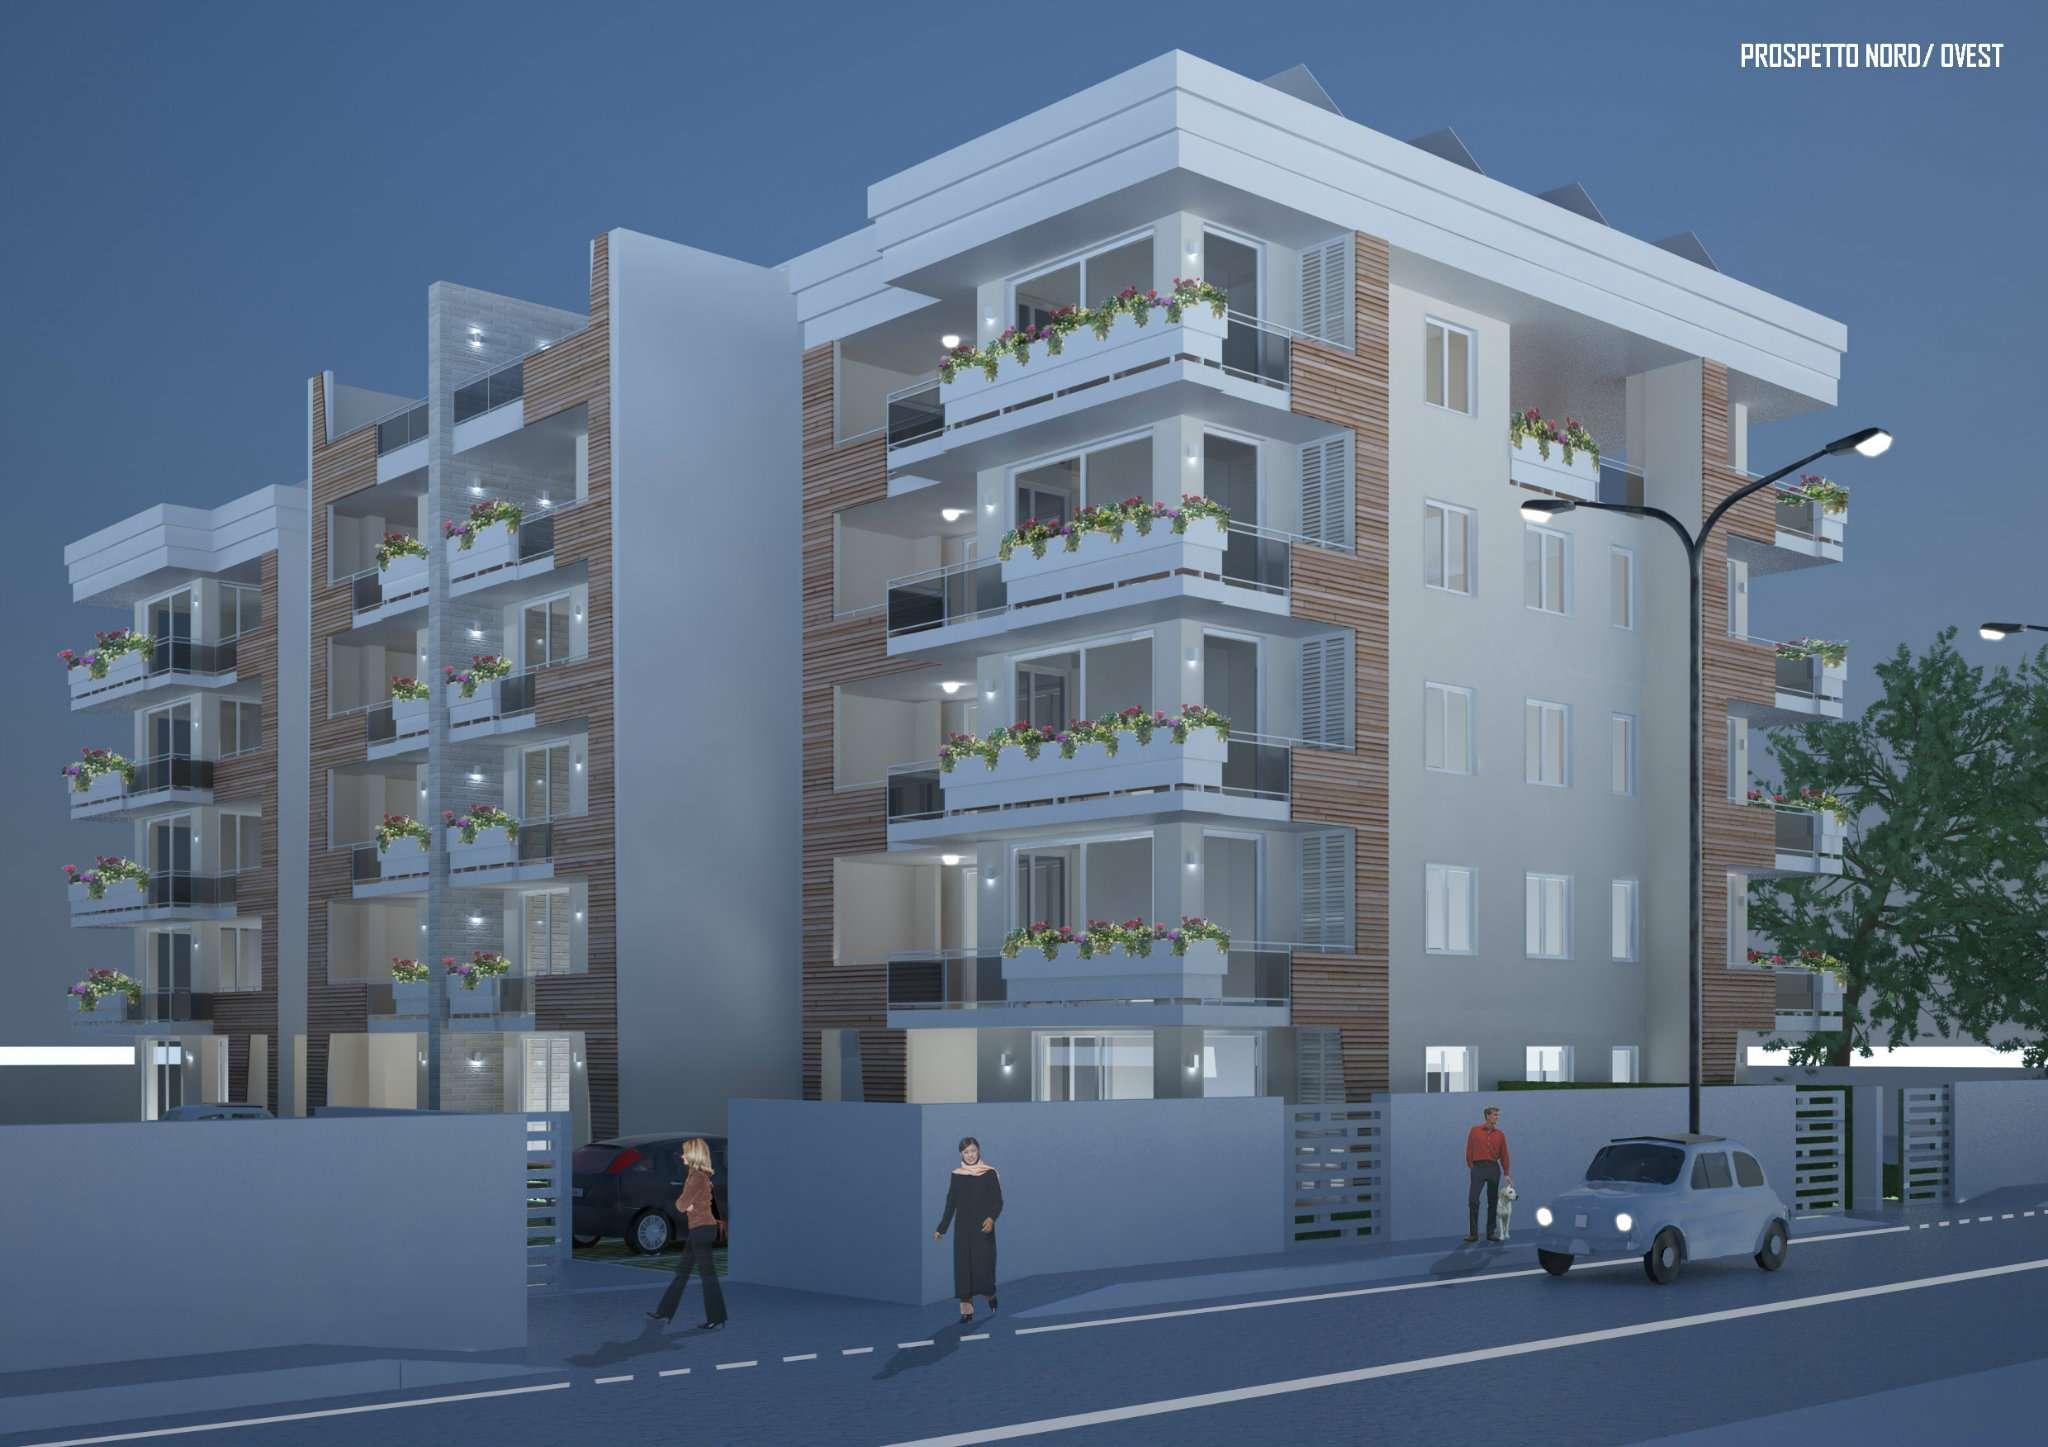 Roma Roma Vendita APPARTAMENTO , annunci appartamenti in vendita torino